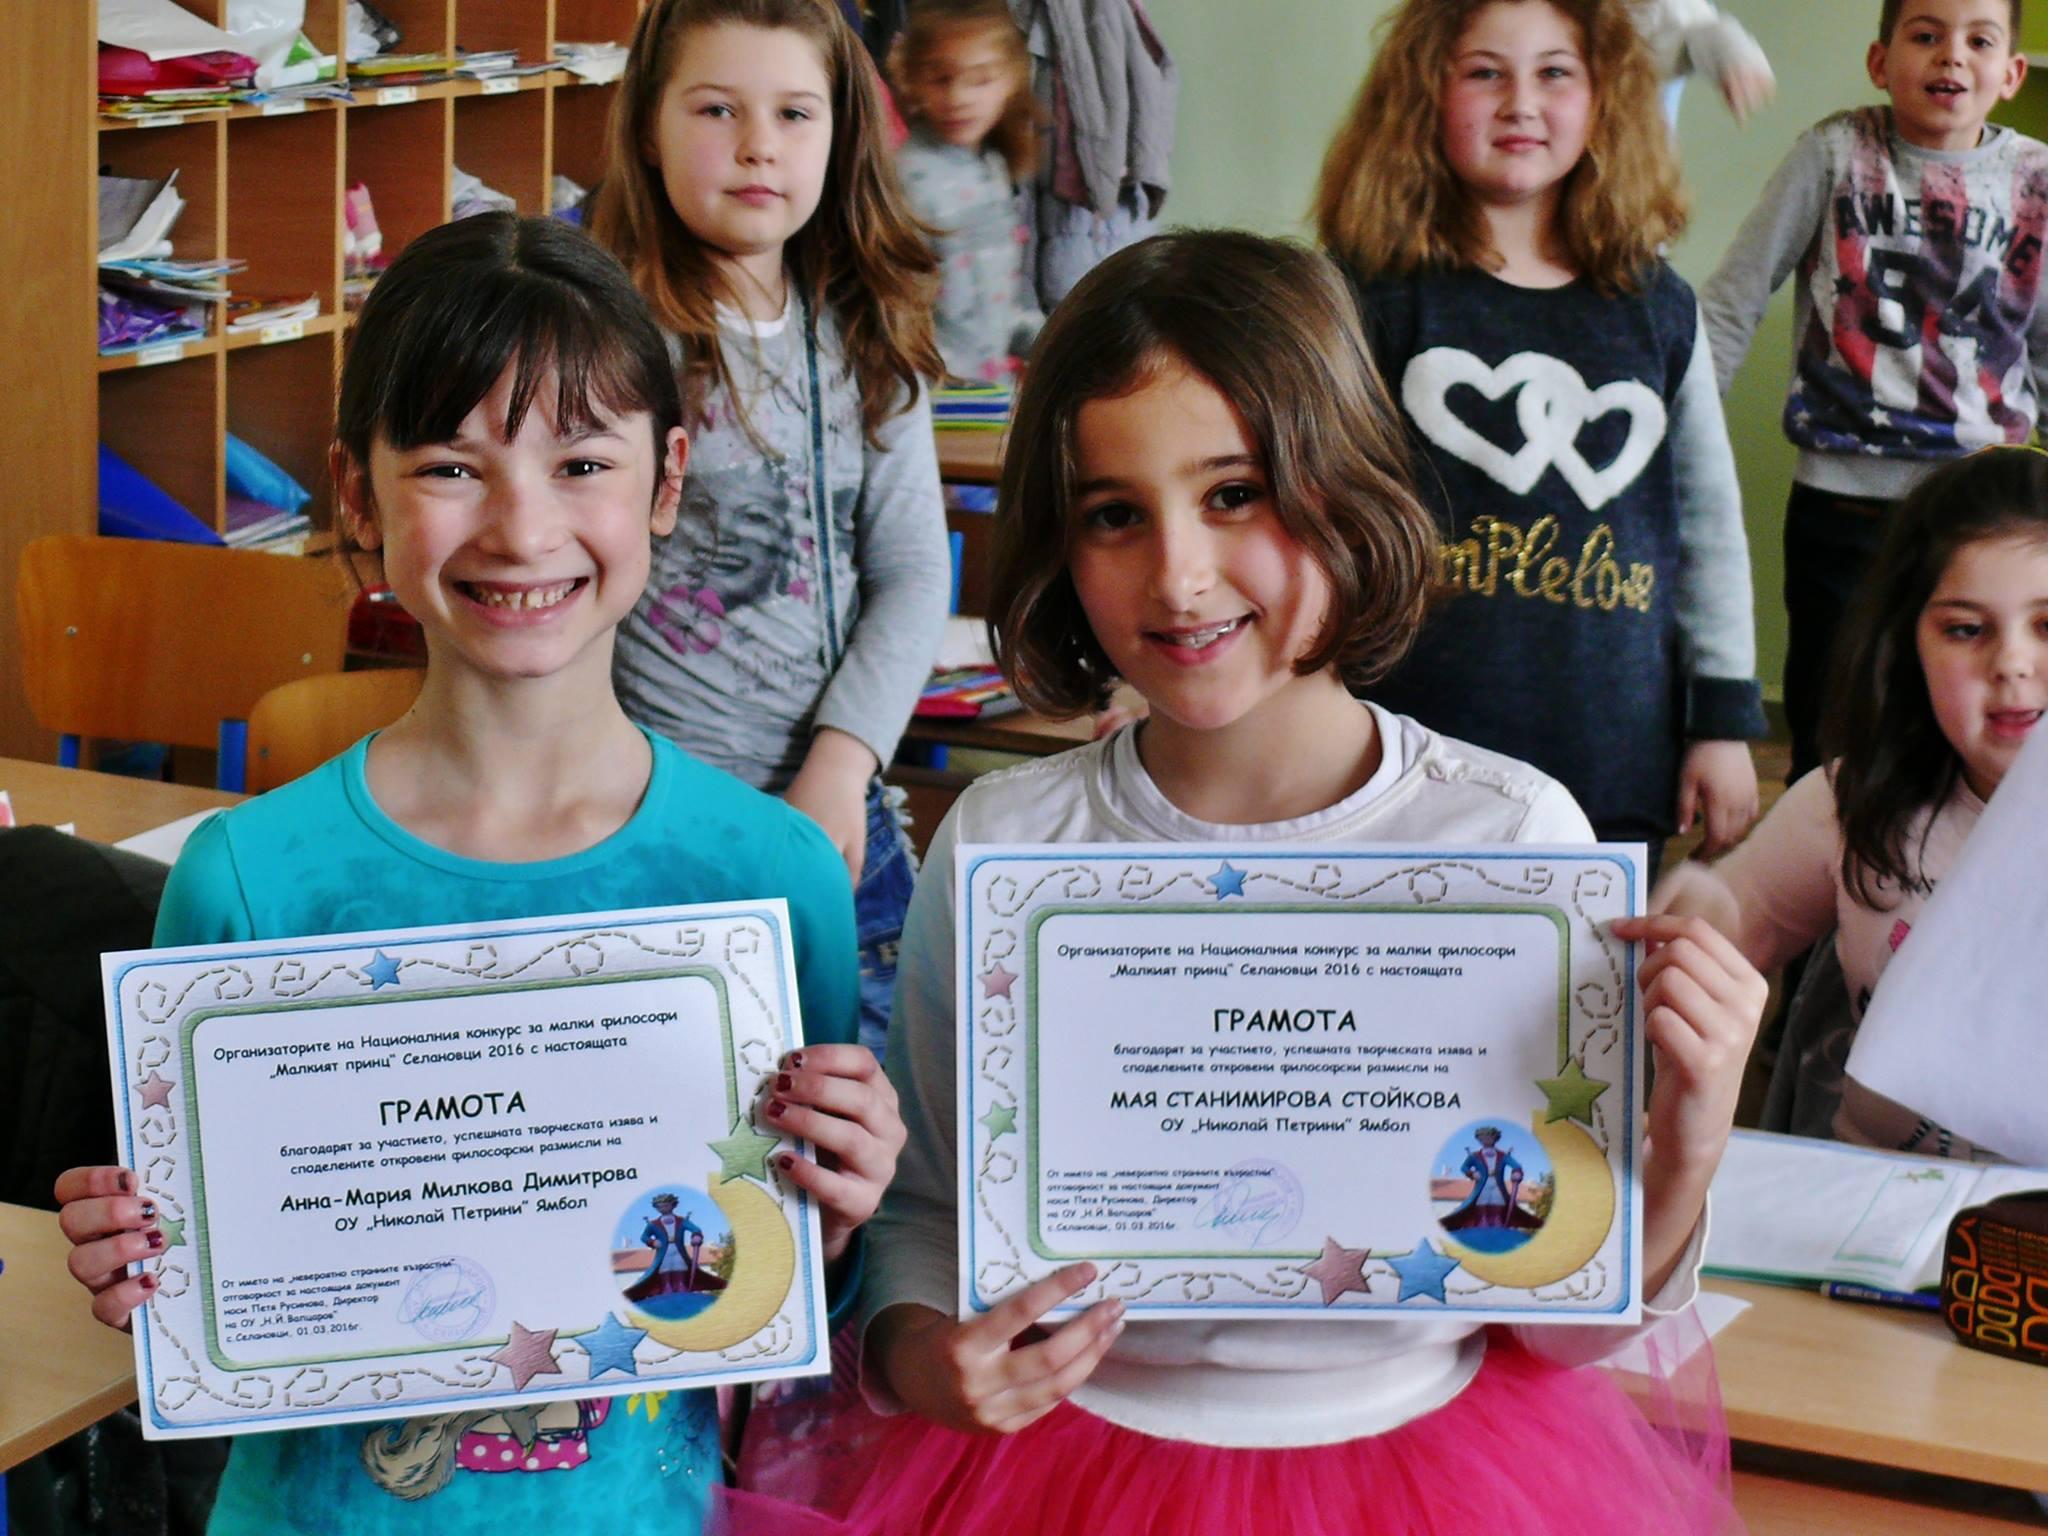 Национален конкурс и среща на малките философи Селановци 2016 picture